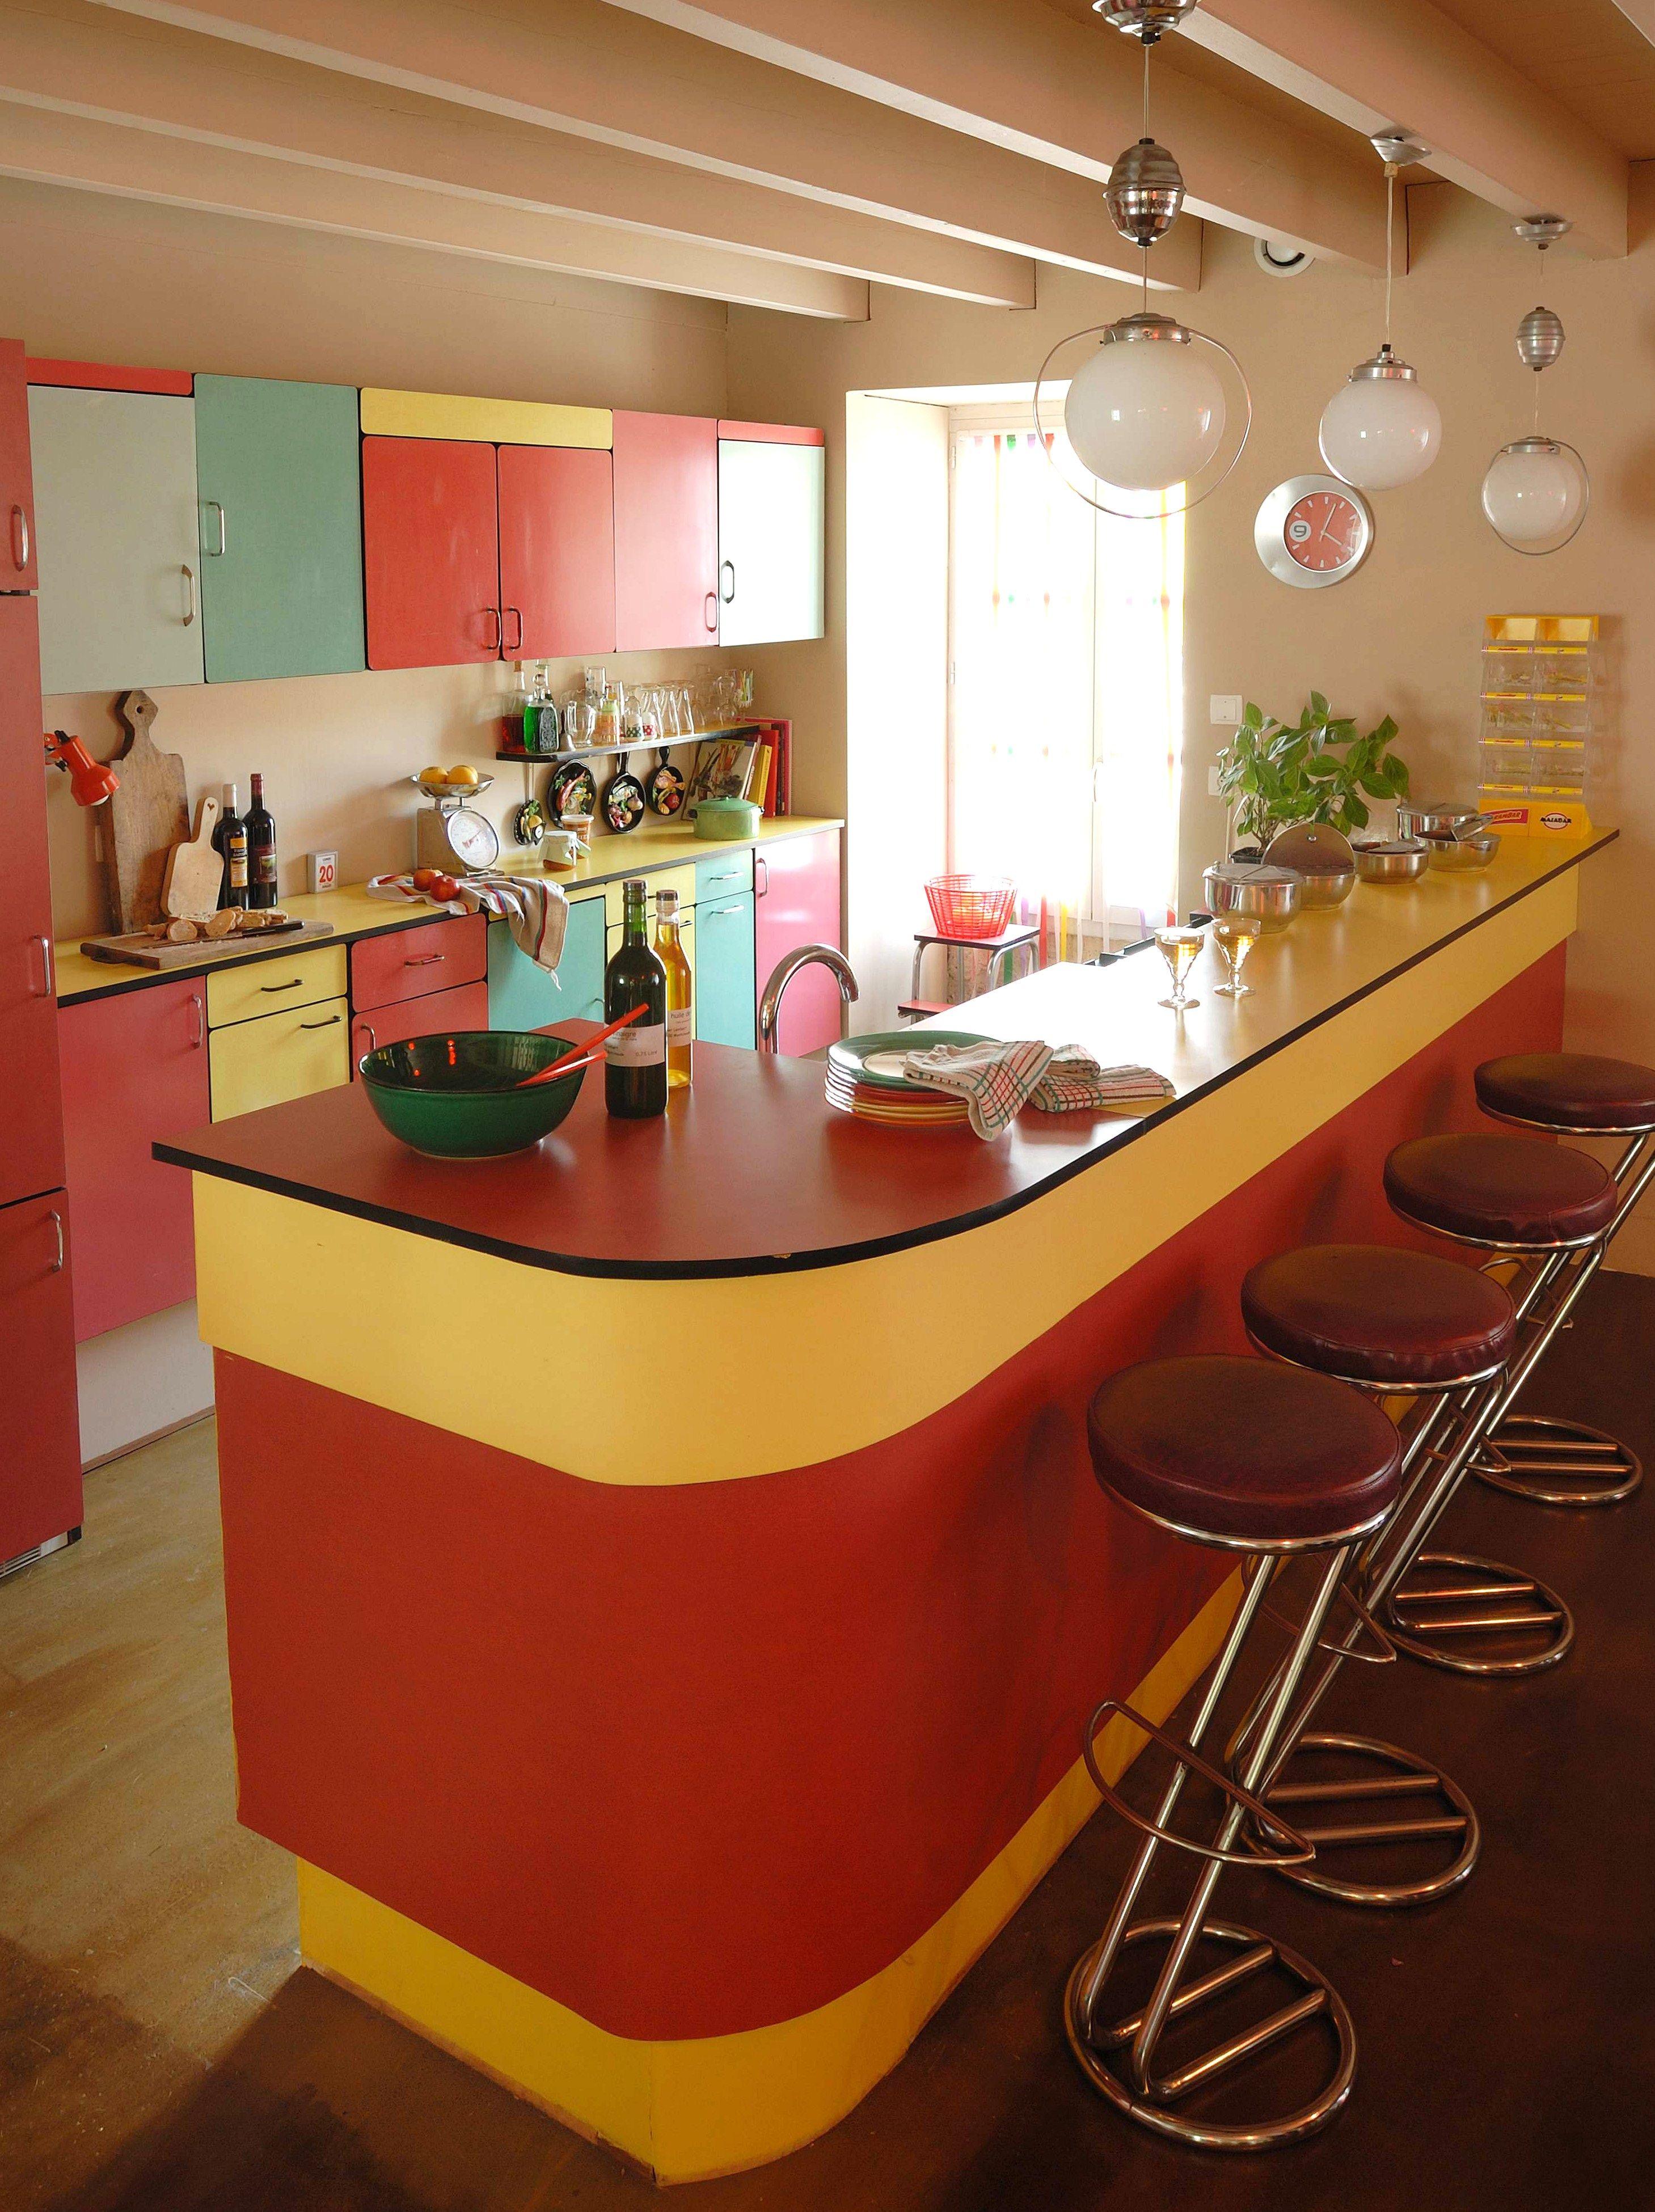 L 39 picerie de v nat bar et placards en formica r alis s avec des buffets chin s - Cuisiner le bar ...